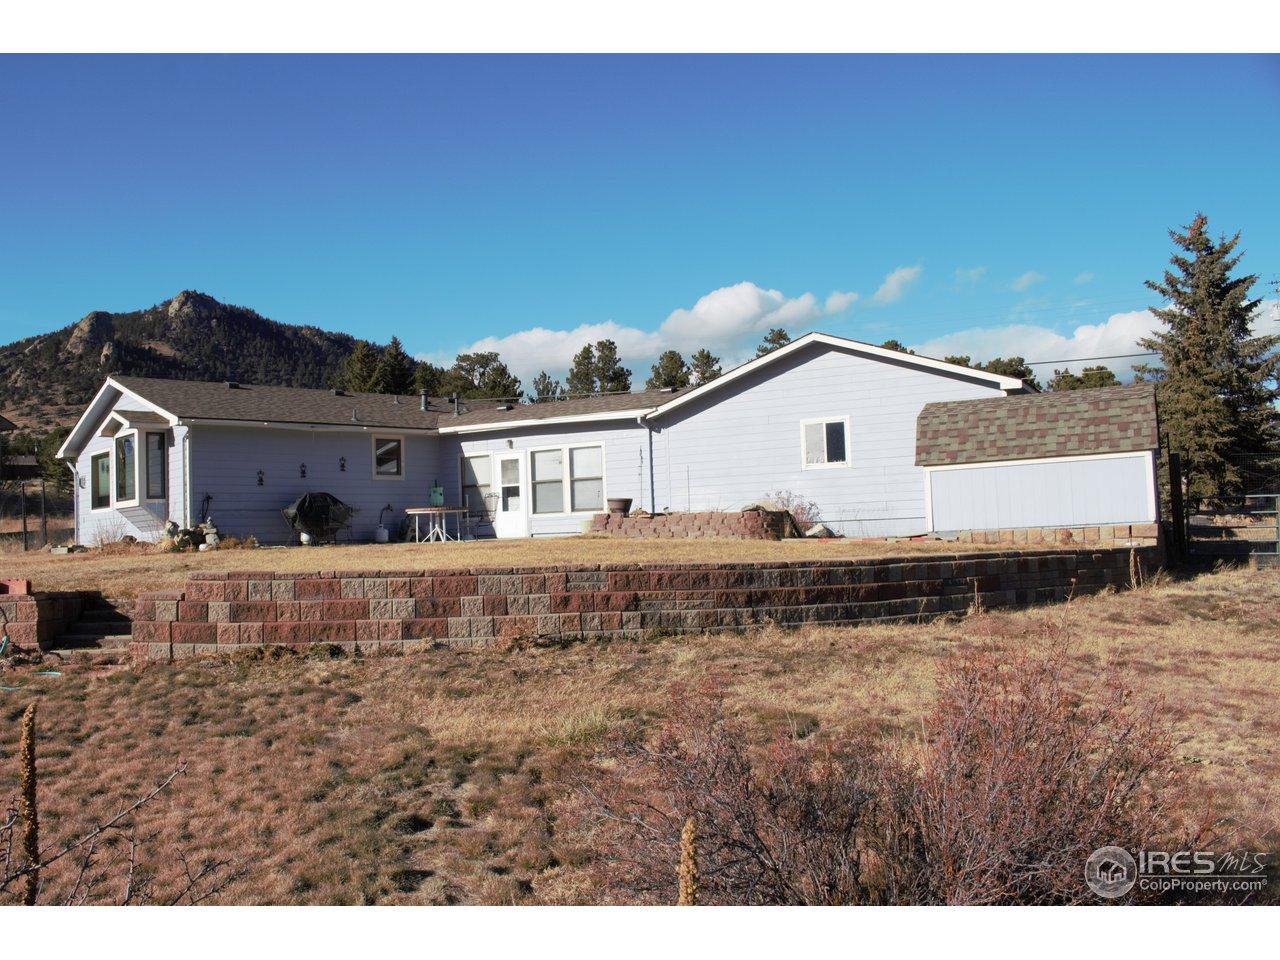 1060 Acacia Dr, Estes Park CO 80517